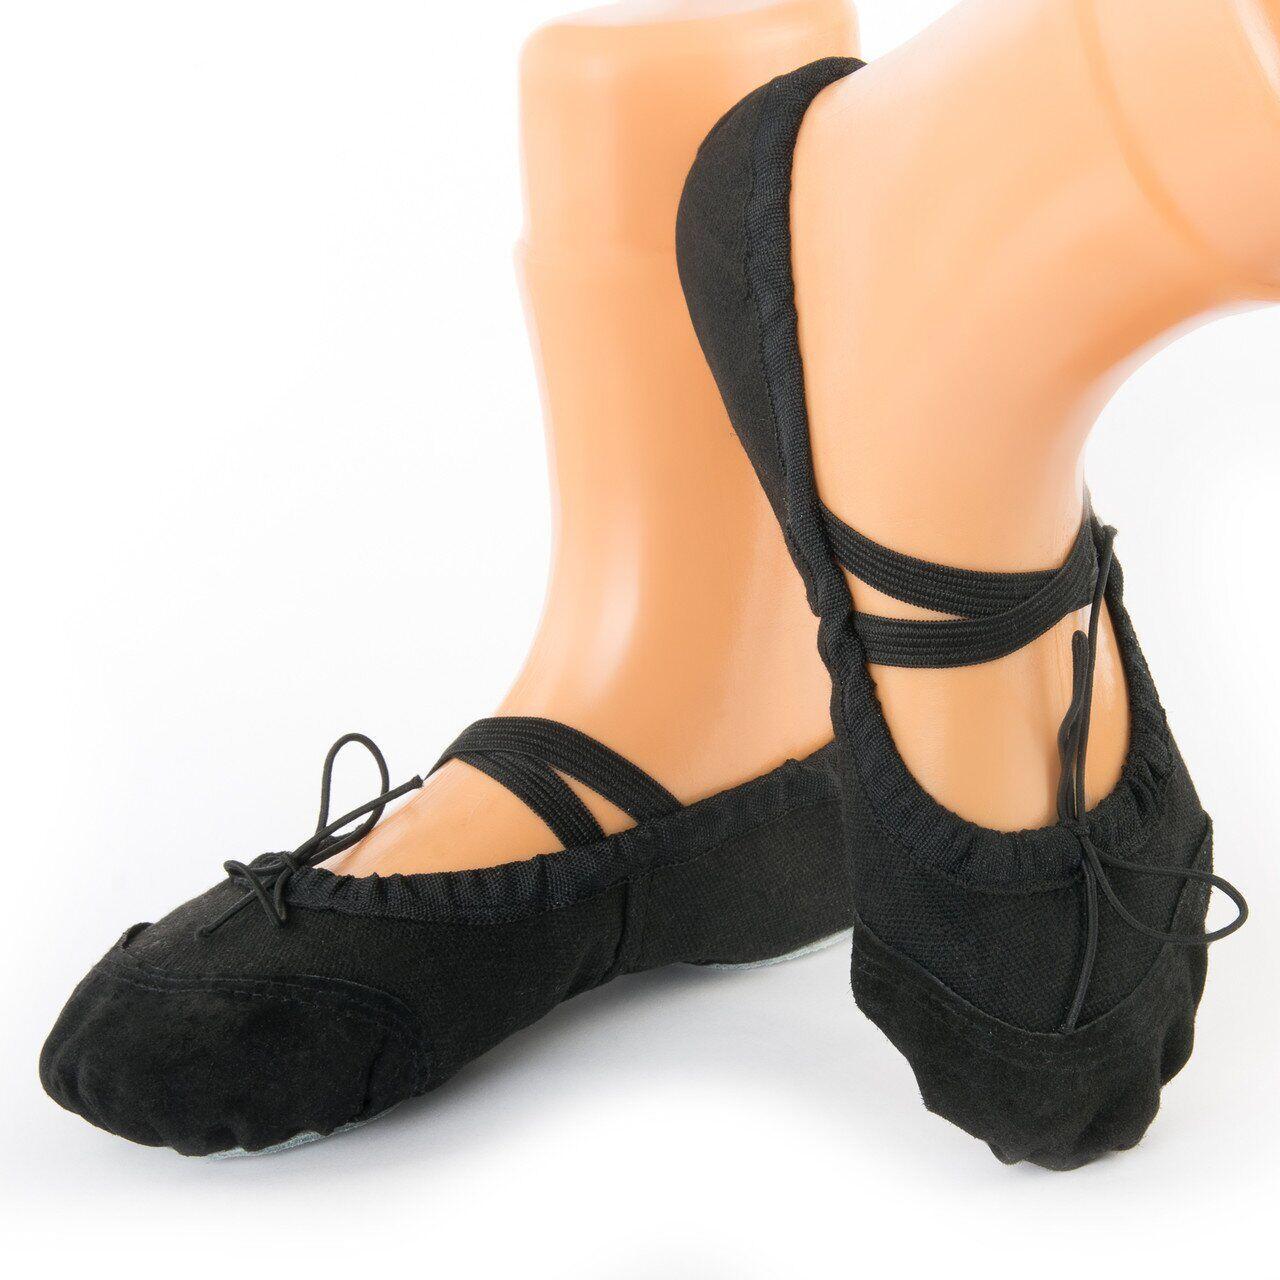 Чёрные балетки для детей подростков взрослых, 24 р.-43 р.